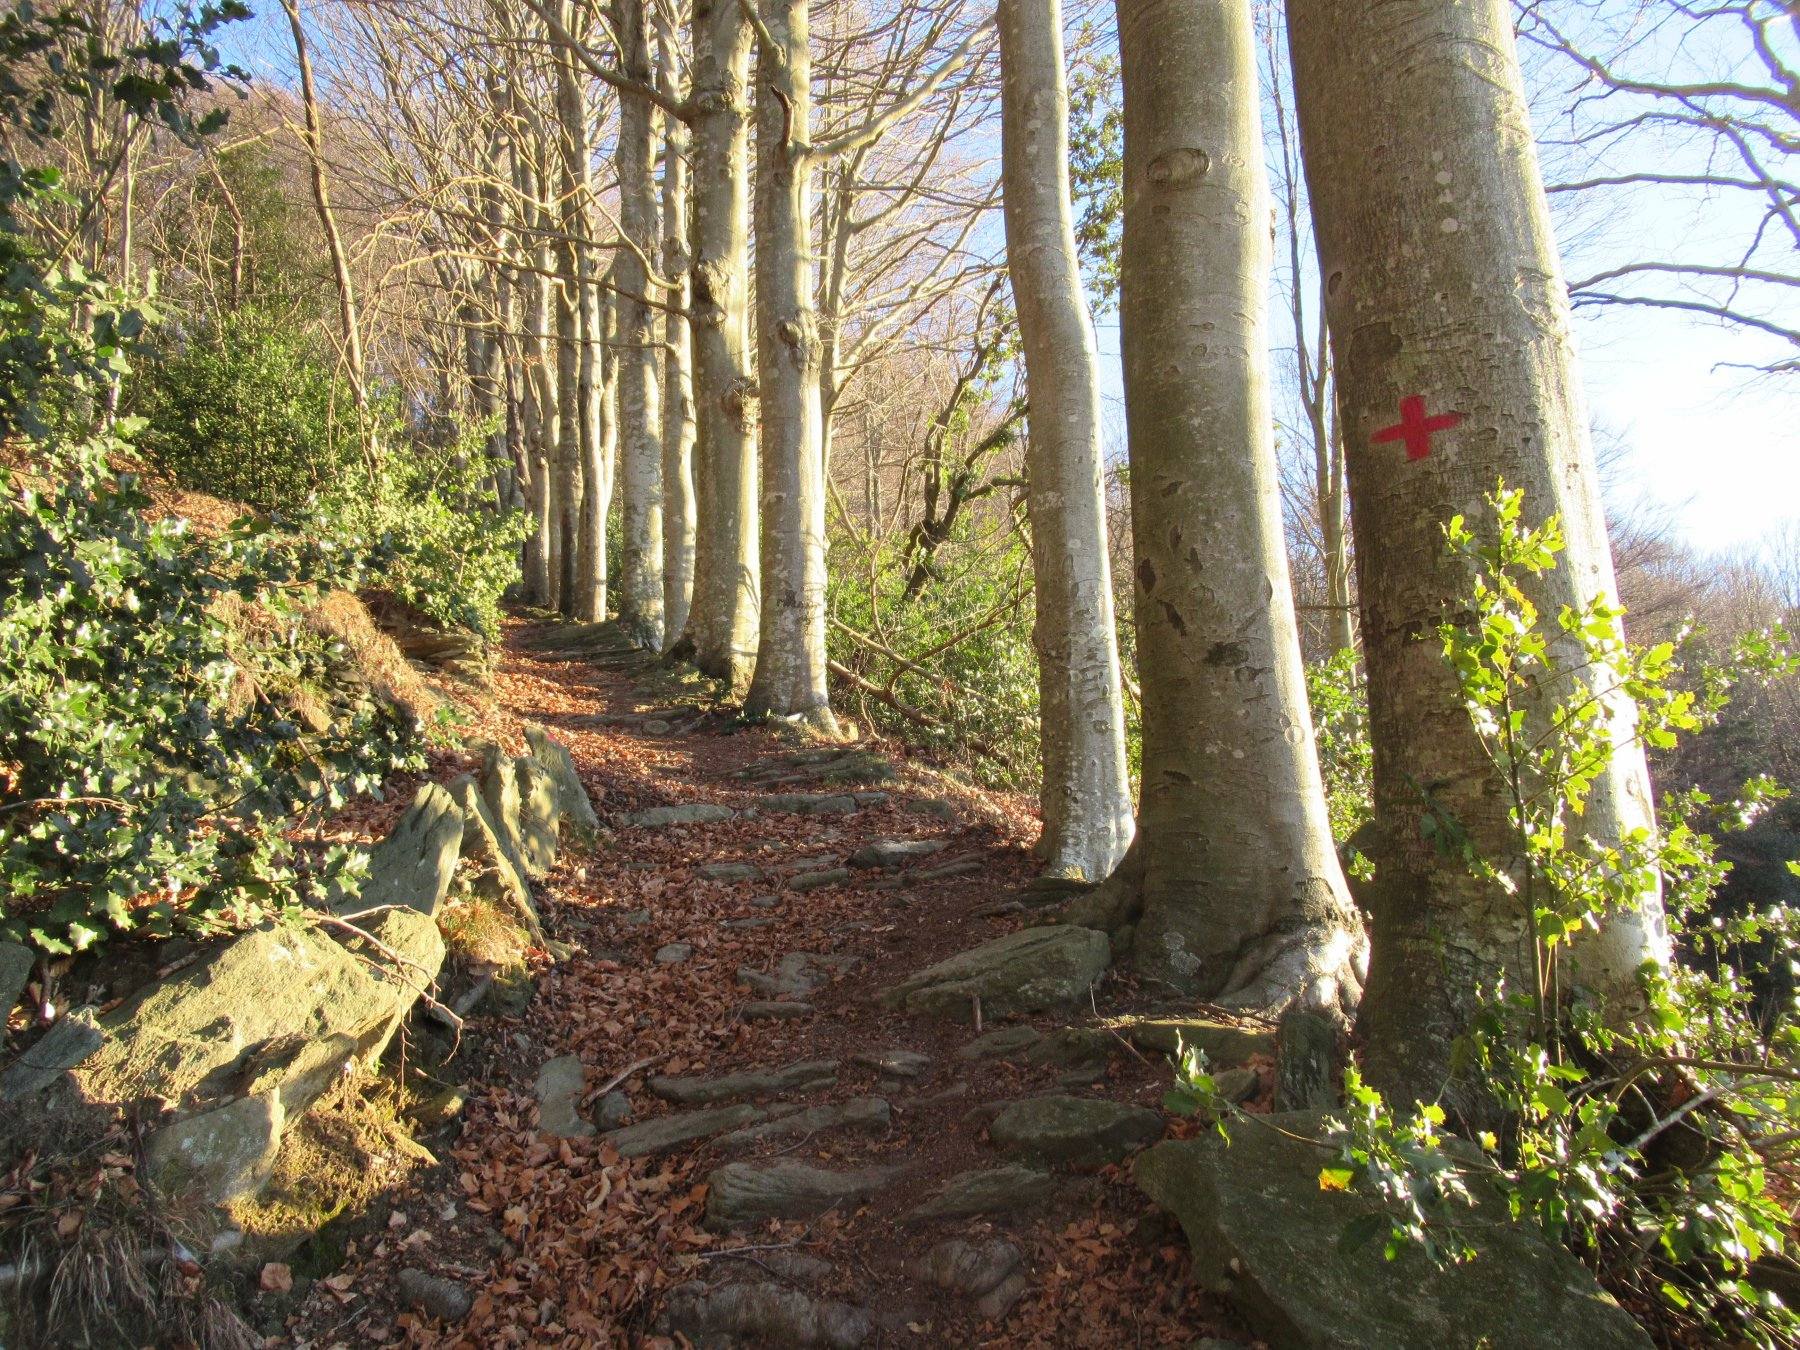 Il sentiero bordato dai faggi.